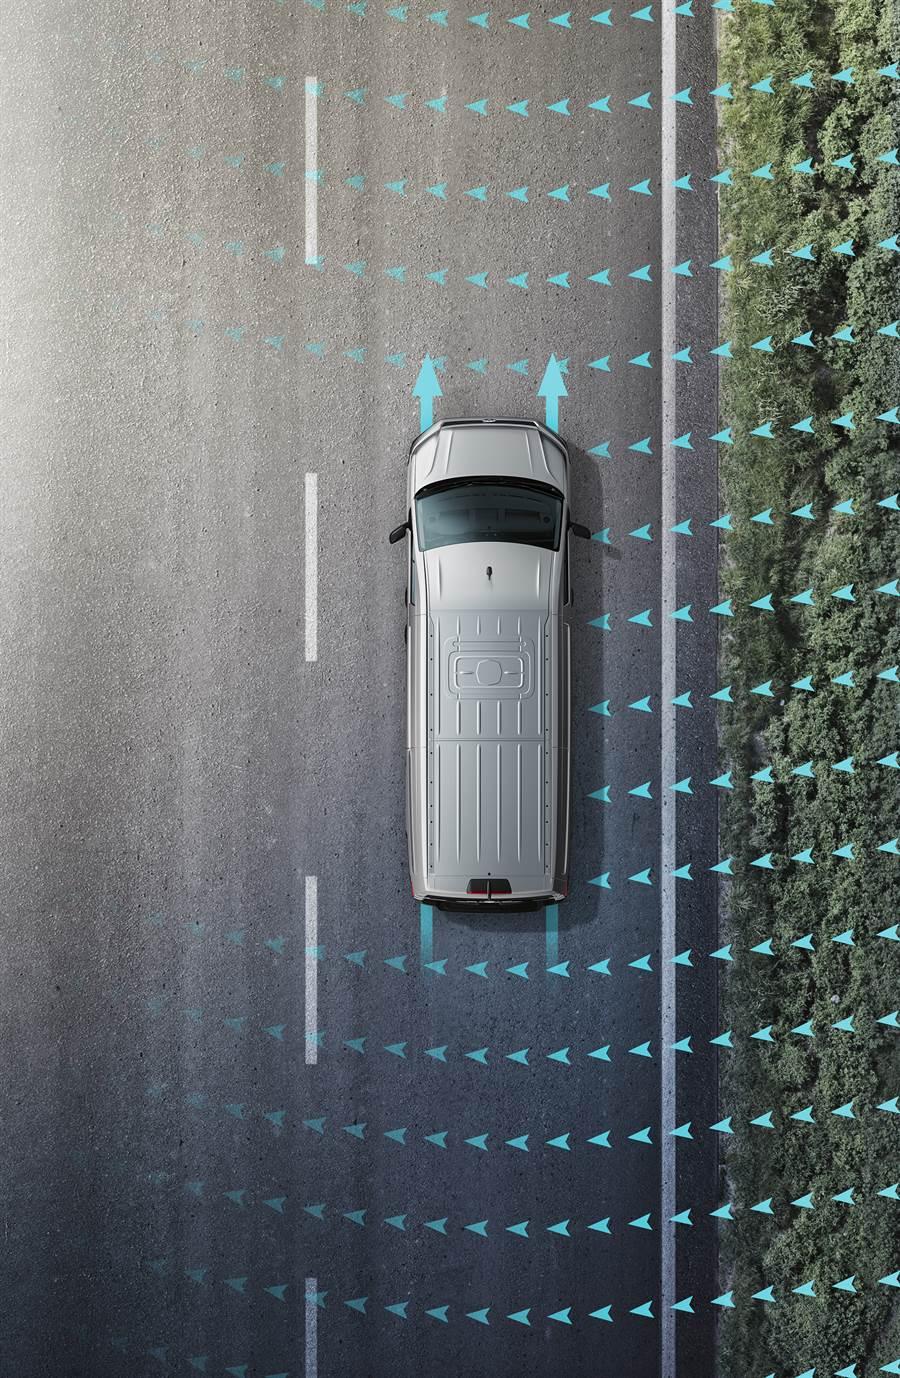 T6.1全車系標配CWA側風穩定輔助系統